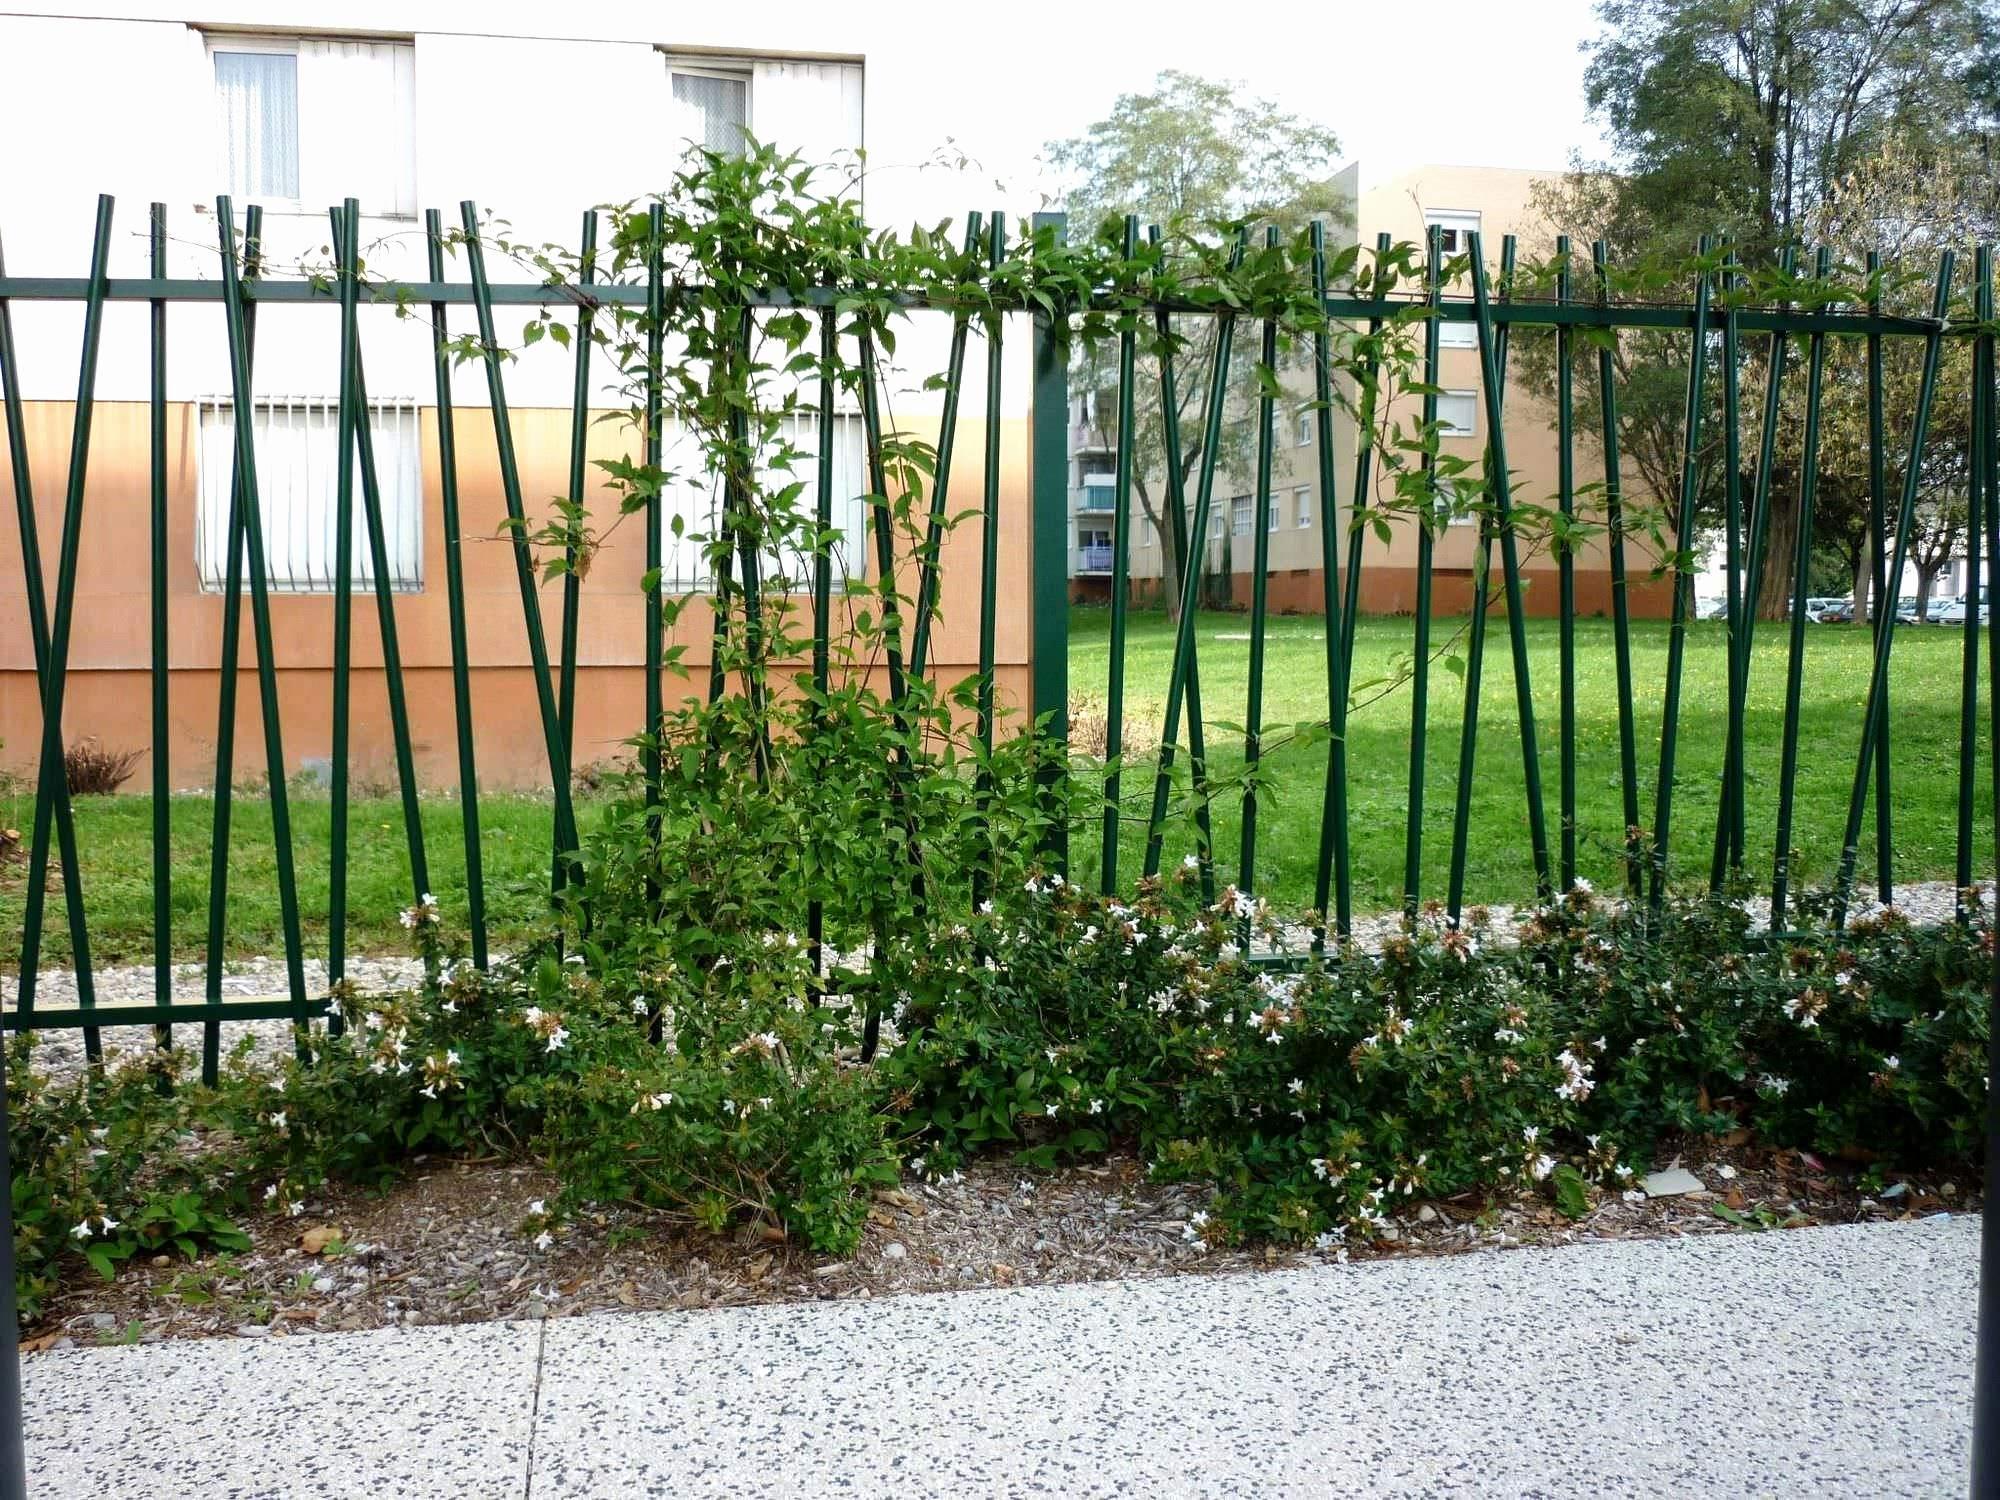 Les Jardins De Tadine Élégant Photos Au Jardin org Moderne Cabane De Jardin originale Cloture Jardin Luxe